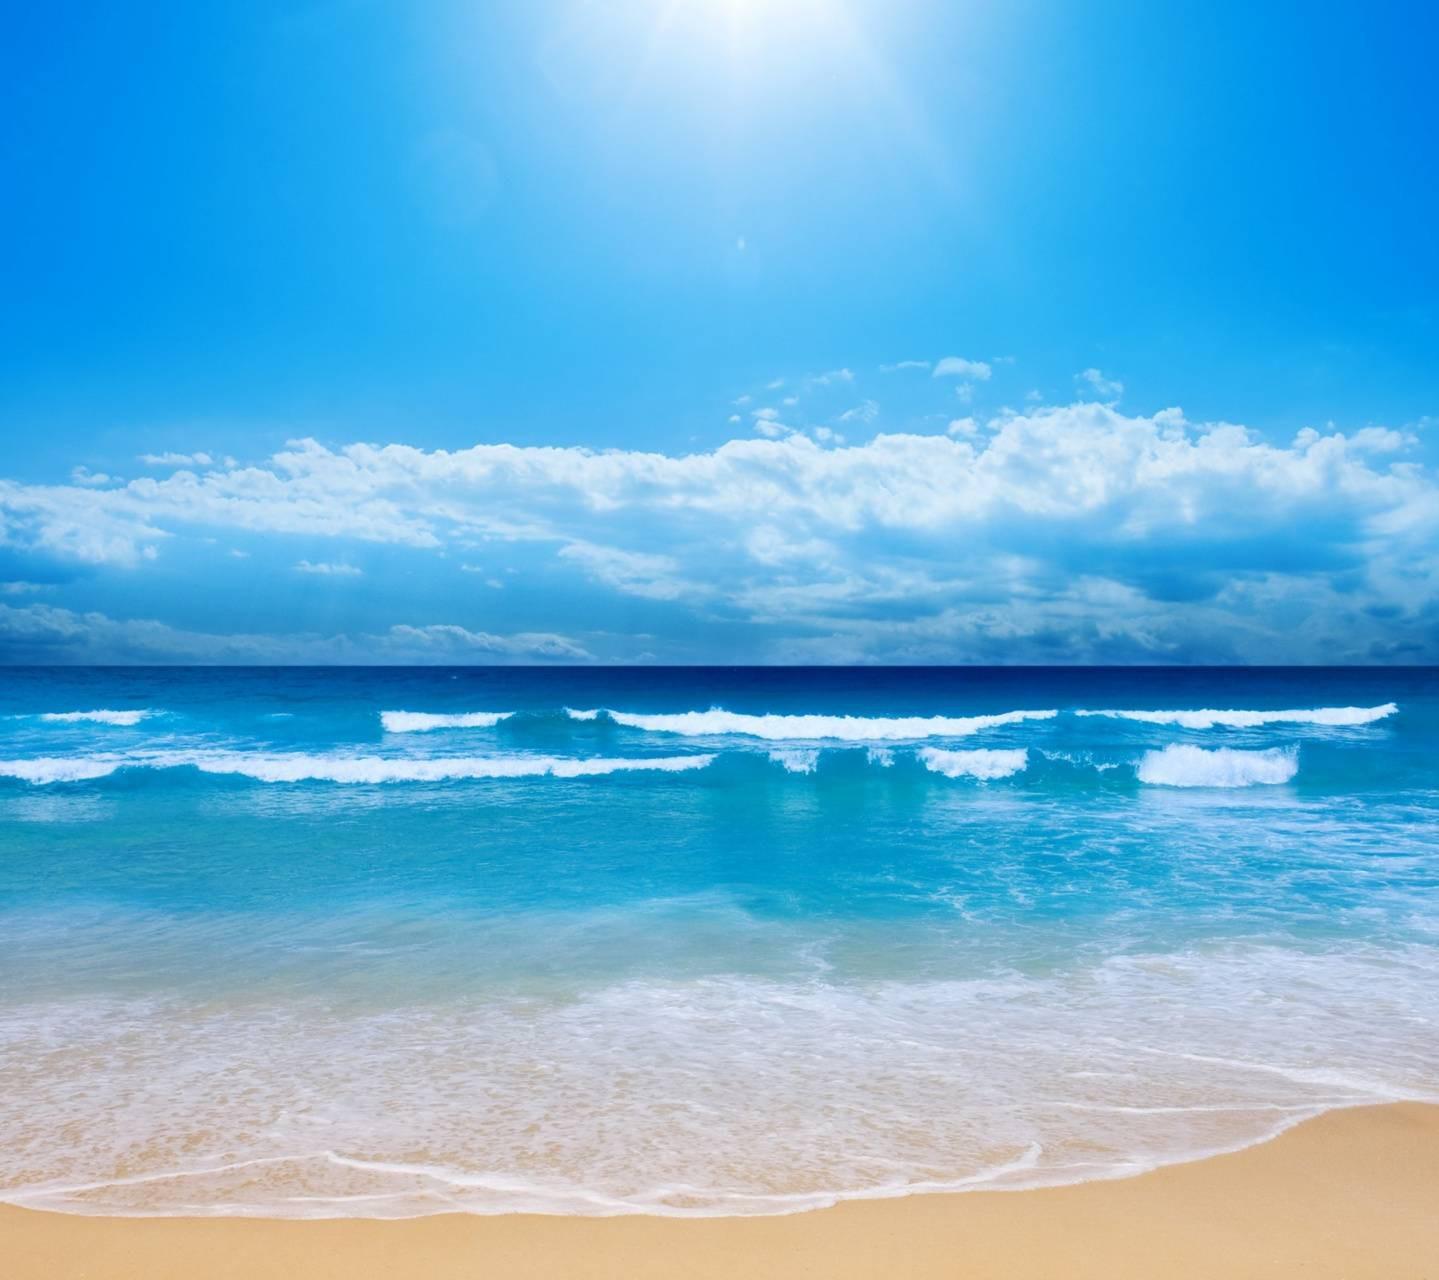 عکس زمینه طبیعت ساحل اقیانوس آفتابی پس زمینه